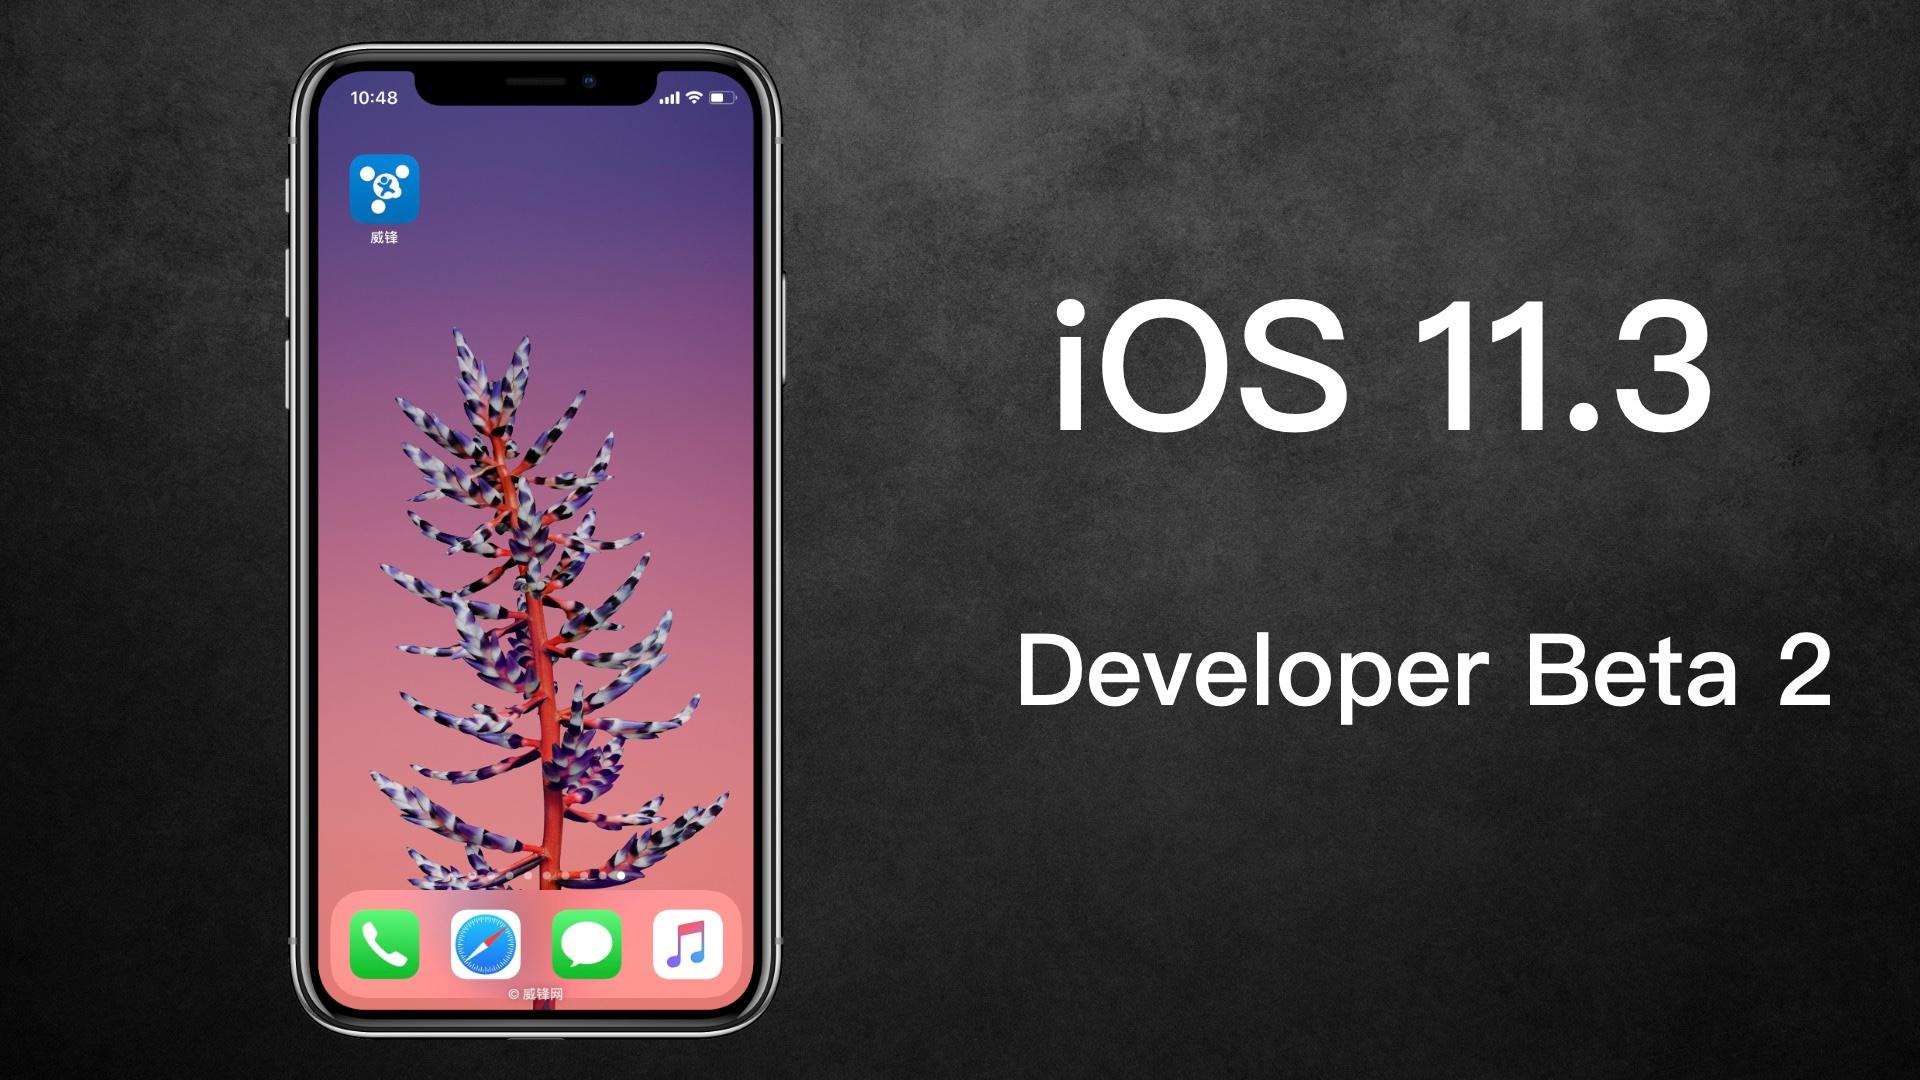 苹果发布iOS 11.3 Beta 2 降频开关终于来了